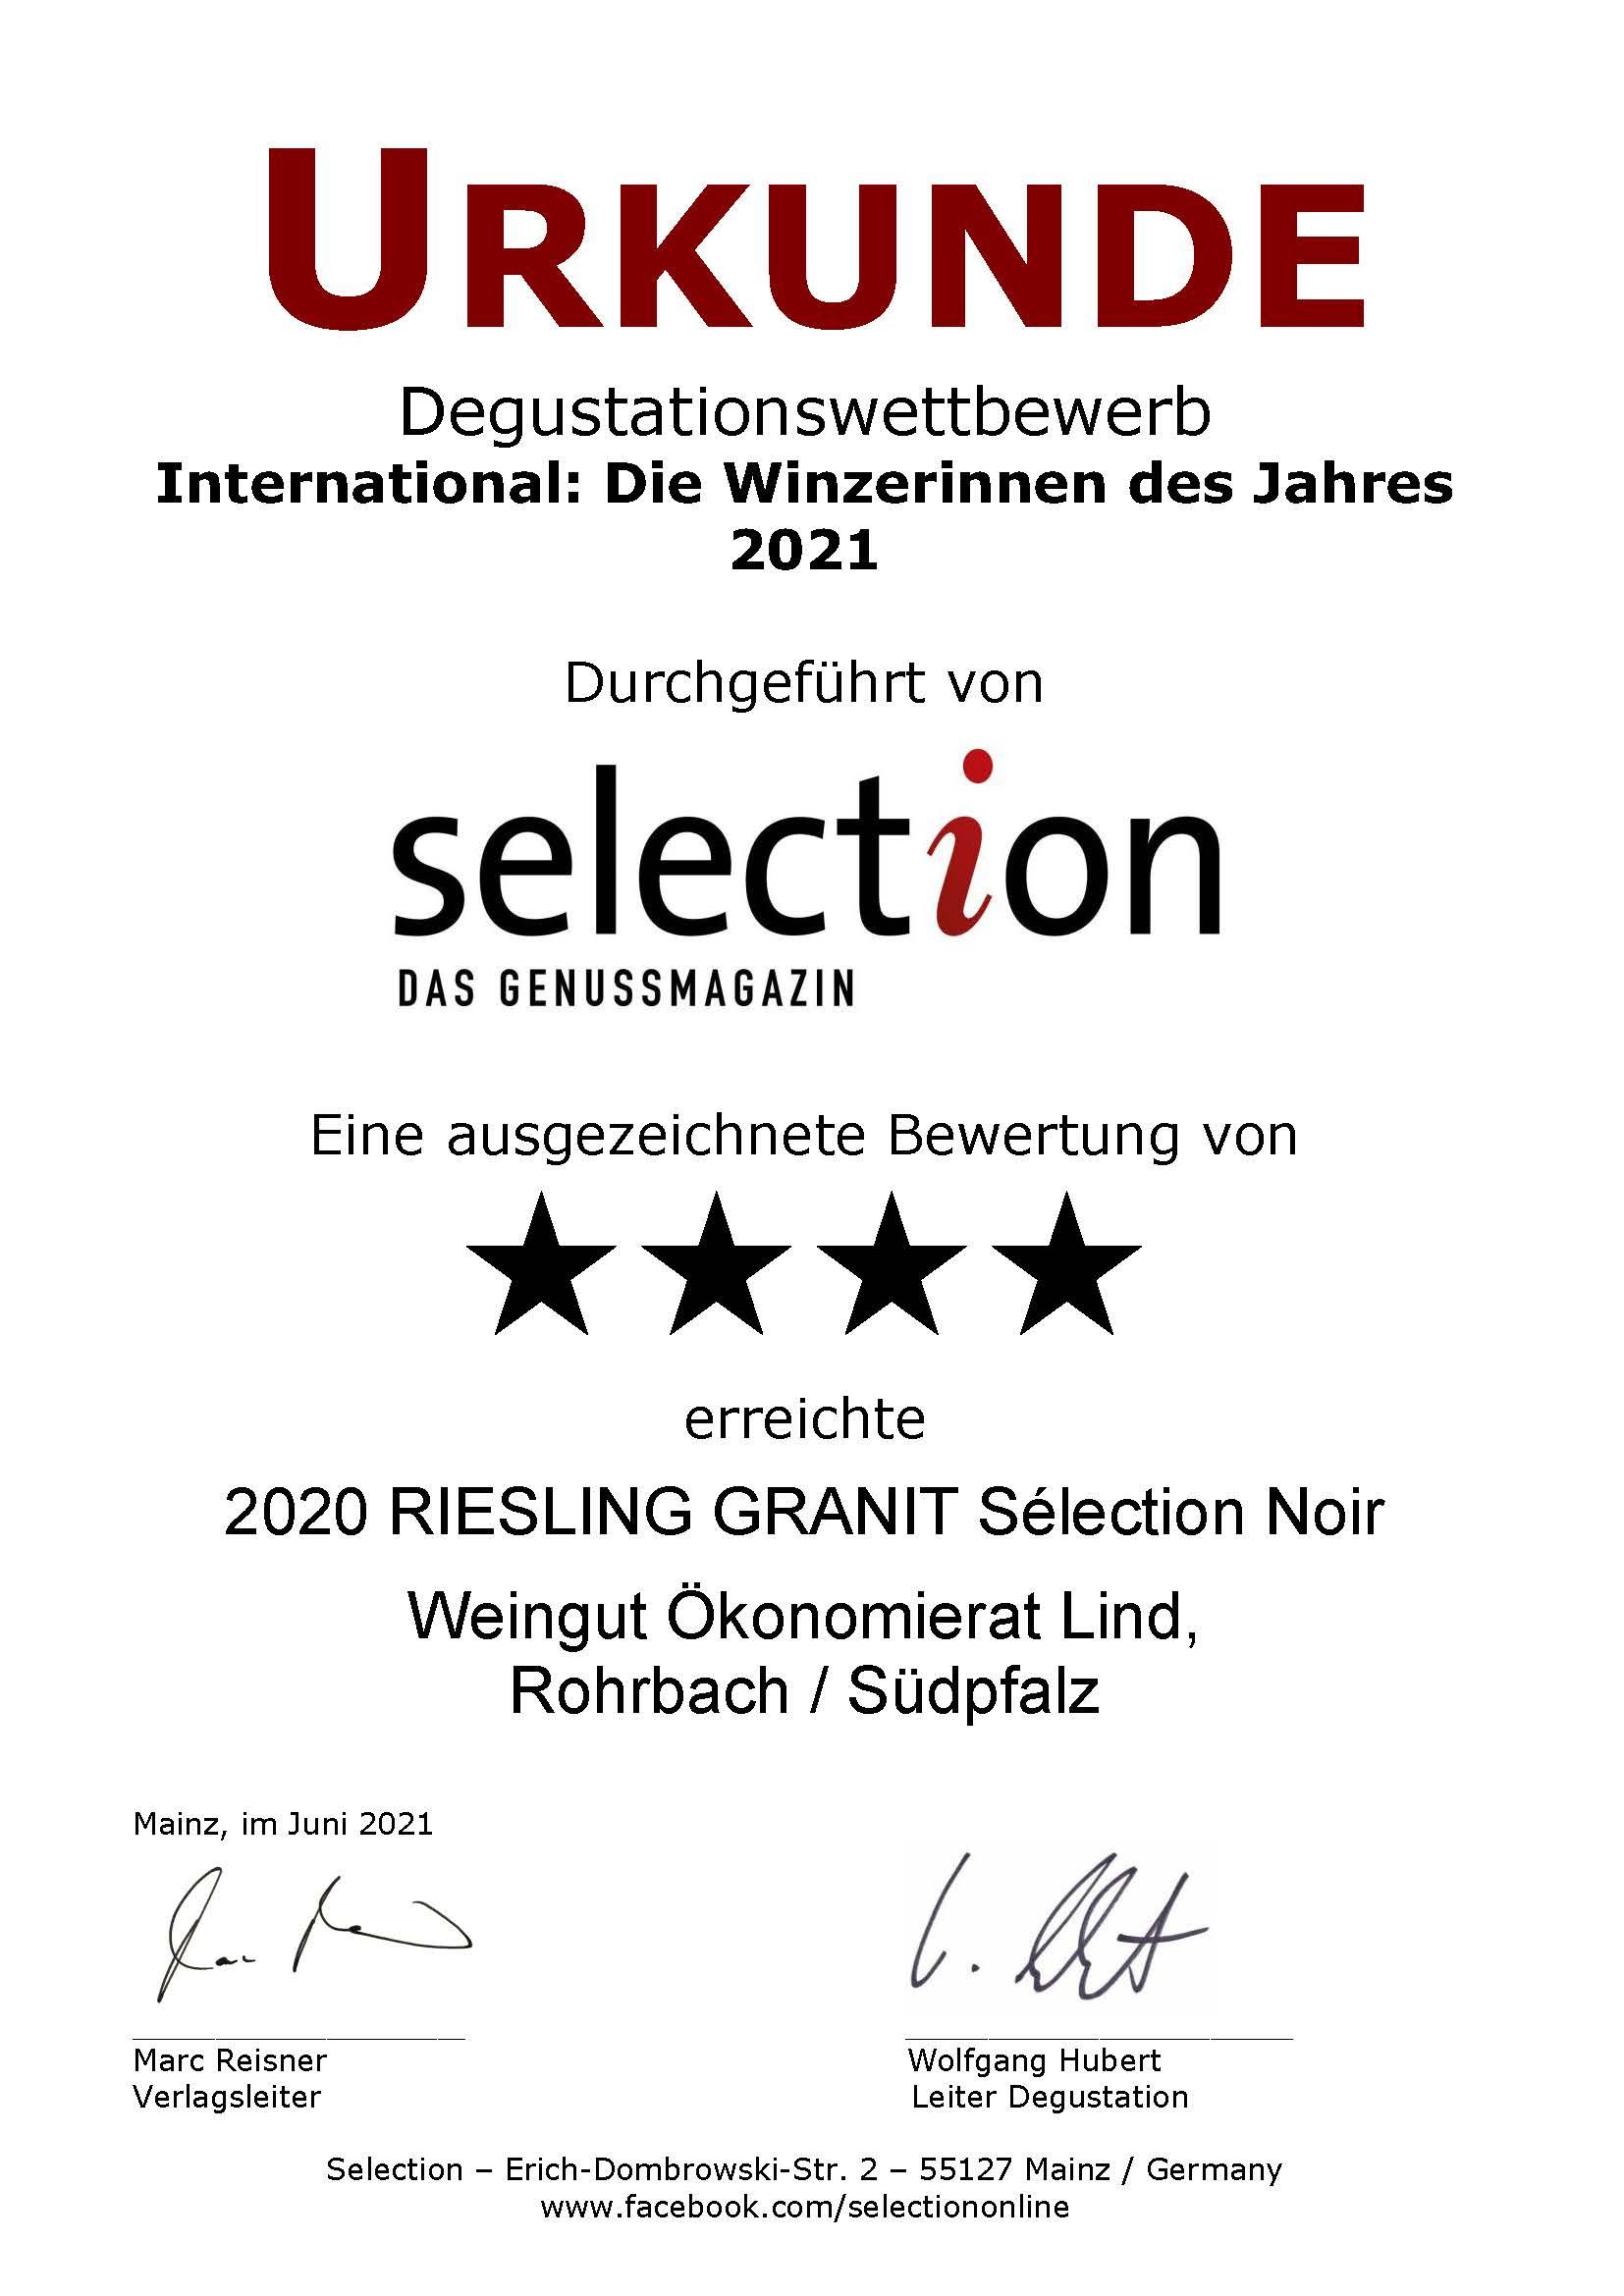 """4 Sterne beim internationalen Degustationswettbewerb """"International: Die Winzerinnen des Jahres 2021"""". Unser 2020 RIESLING GRANIT Sélection Noir wurde von der Weinfachzeitschrift Selection mit einer Goldmedaille ausgezeichnet."""